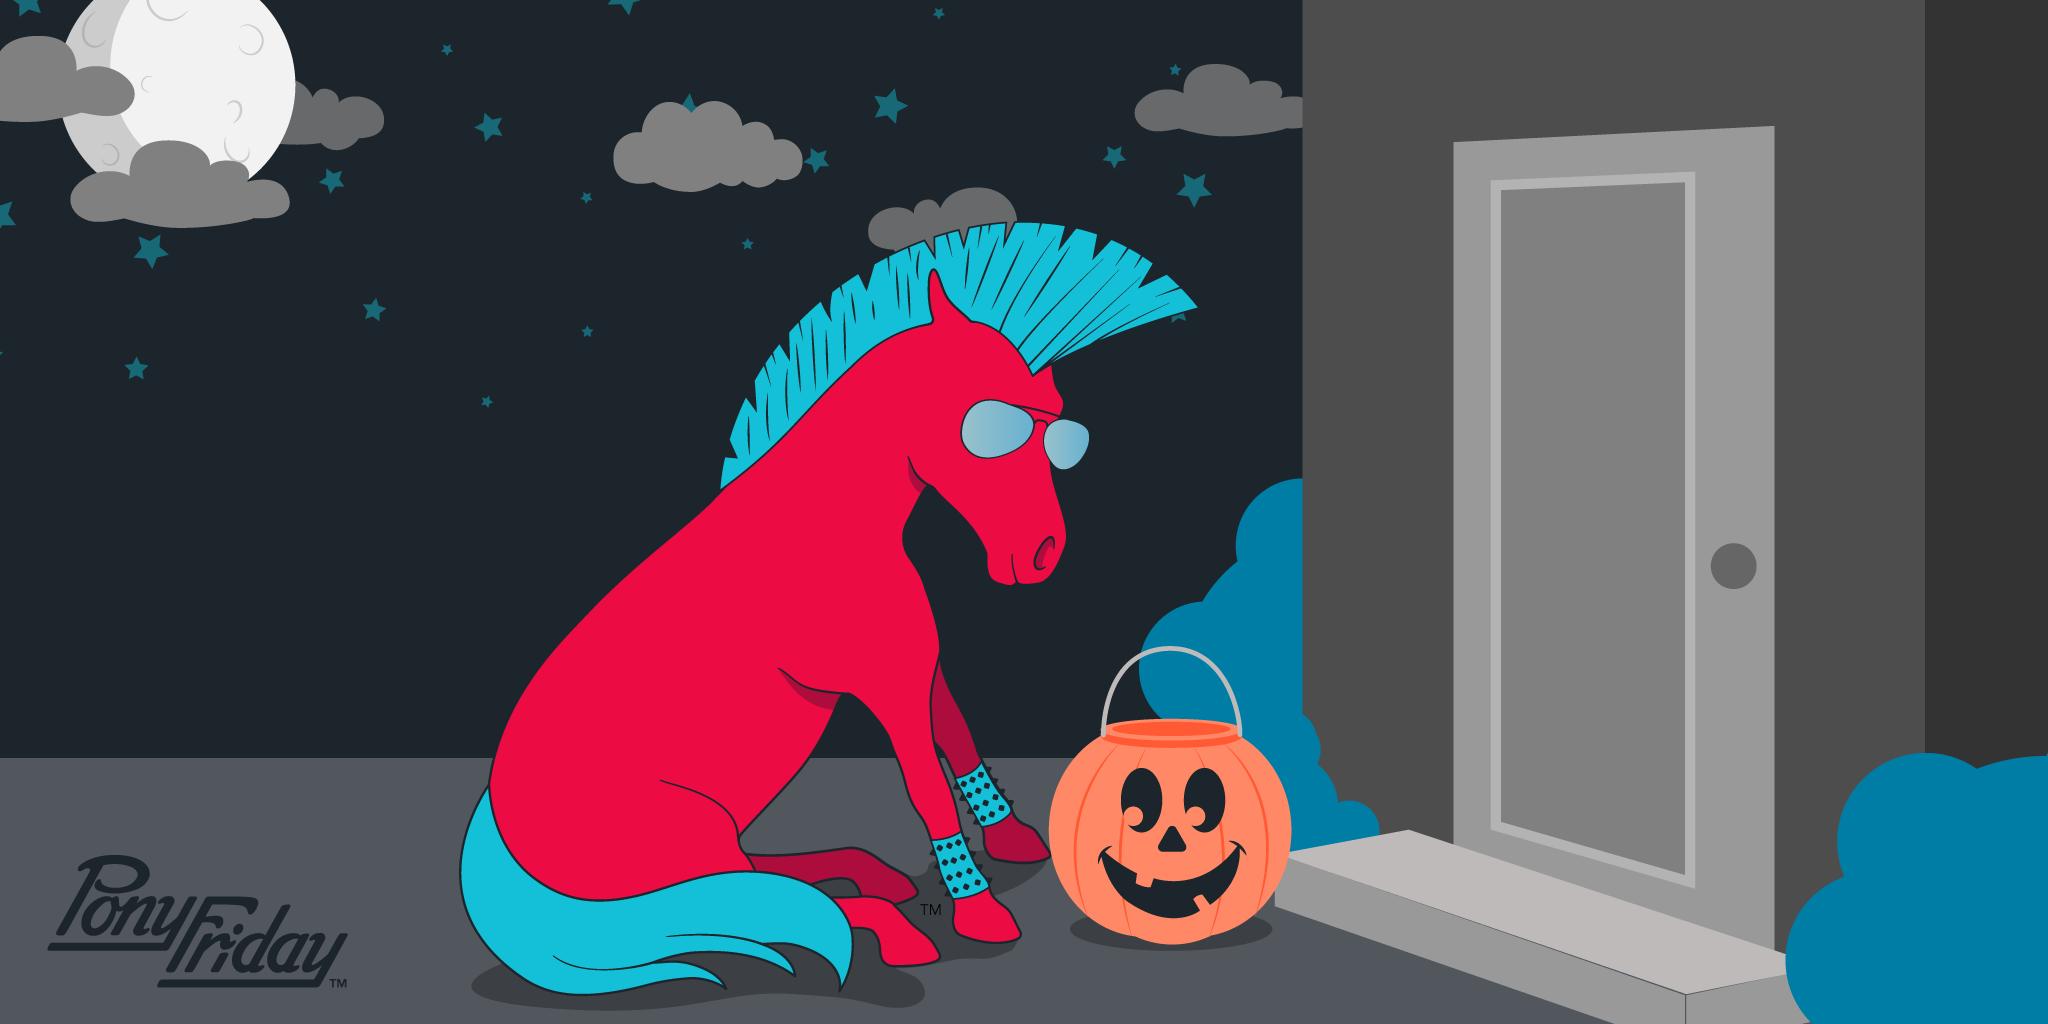 Pony-Friday-Pumpkin-Halloween-Trick-Or-Treat-Rocker-Rockstar-Night-Blog-Header.png